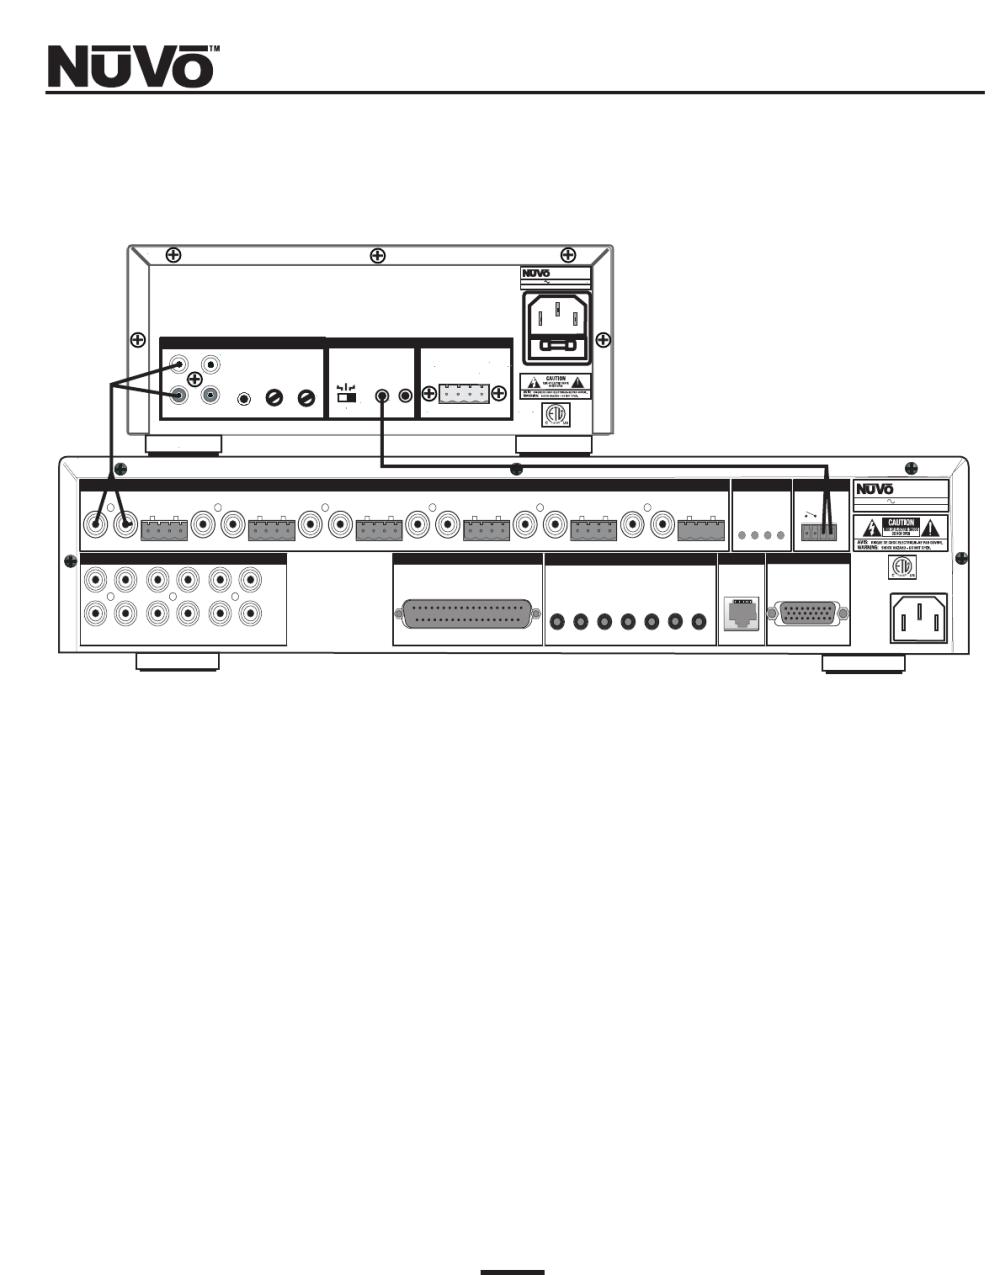 medium resolution of nuvo essentium wiring diagram